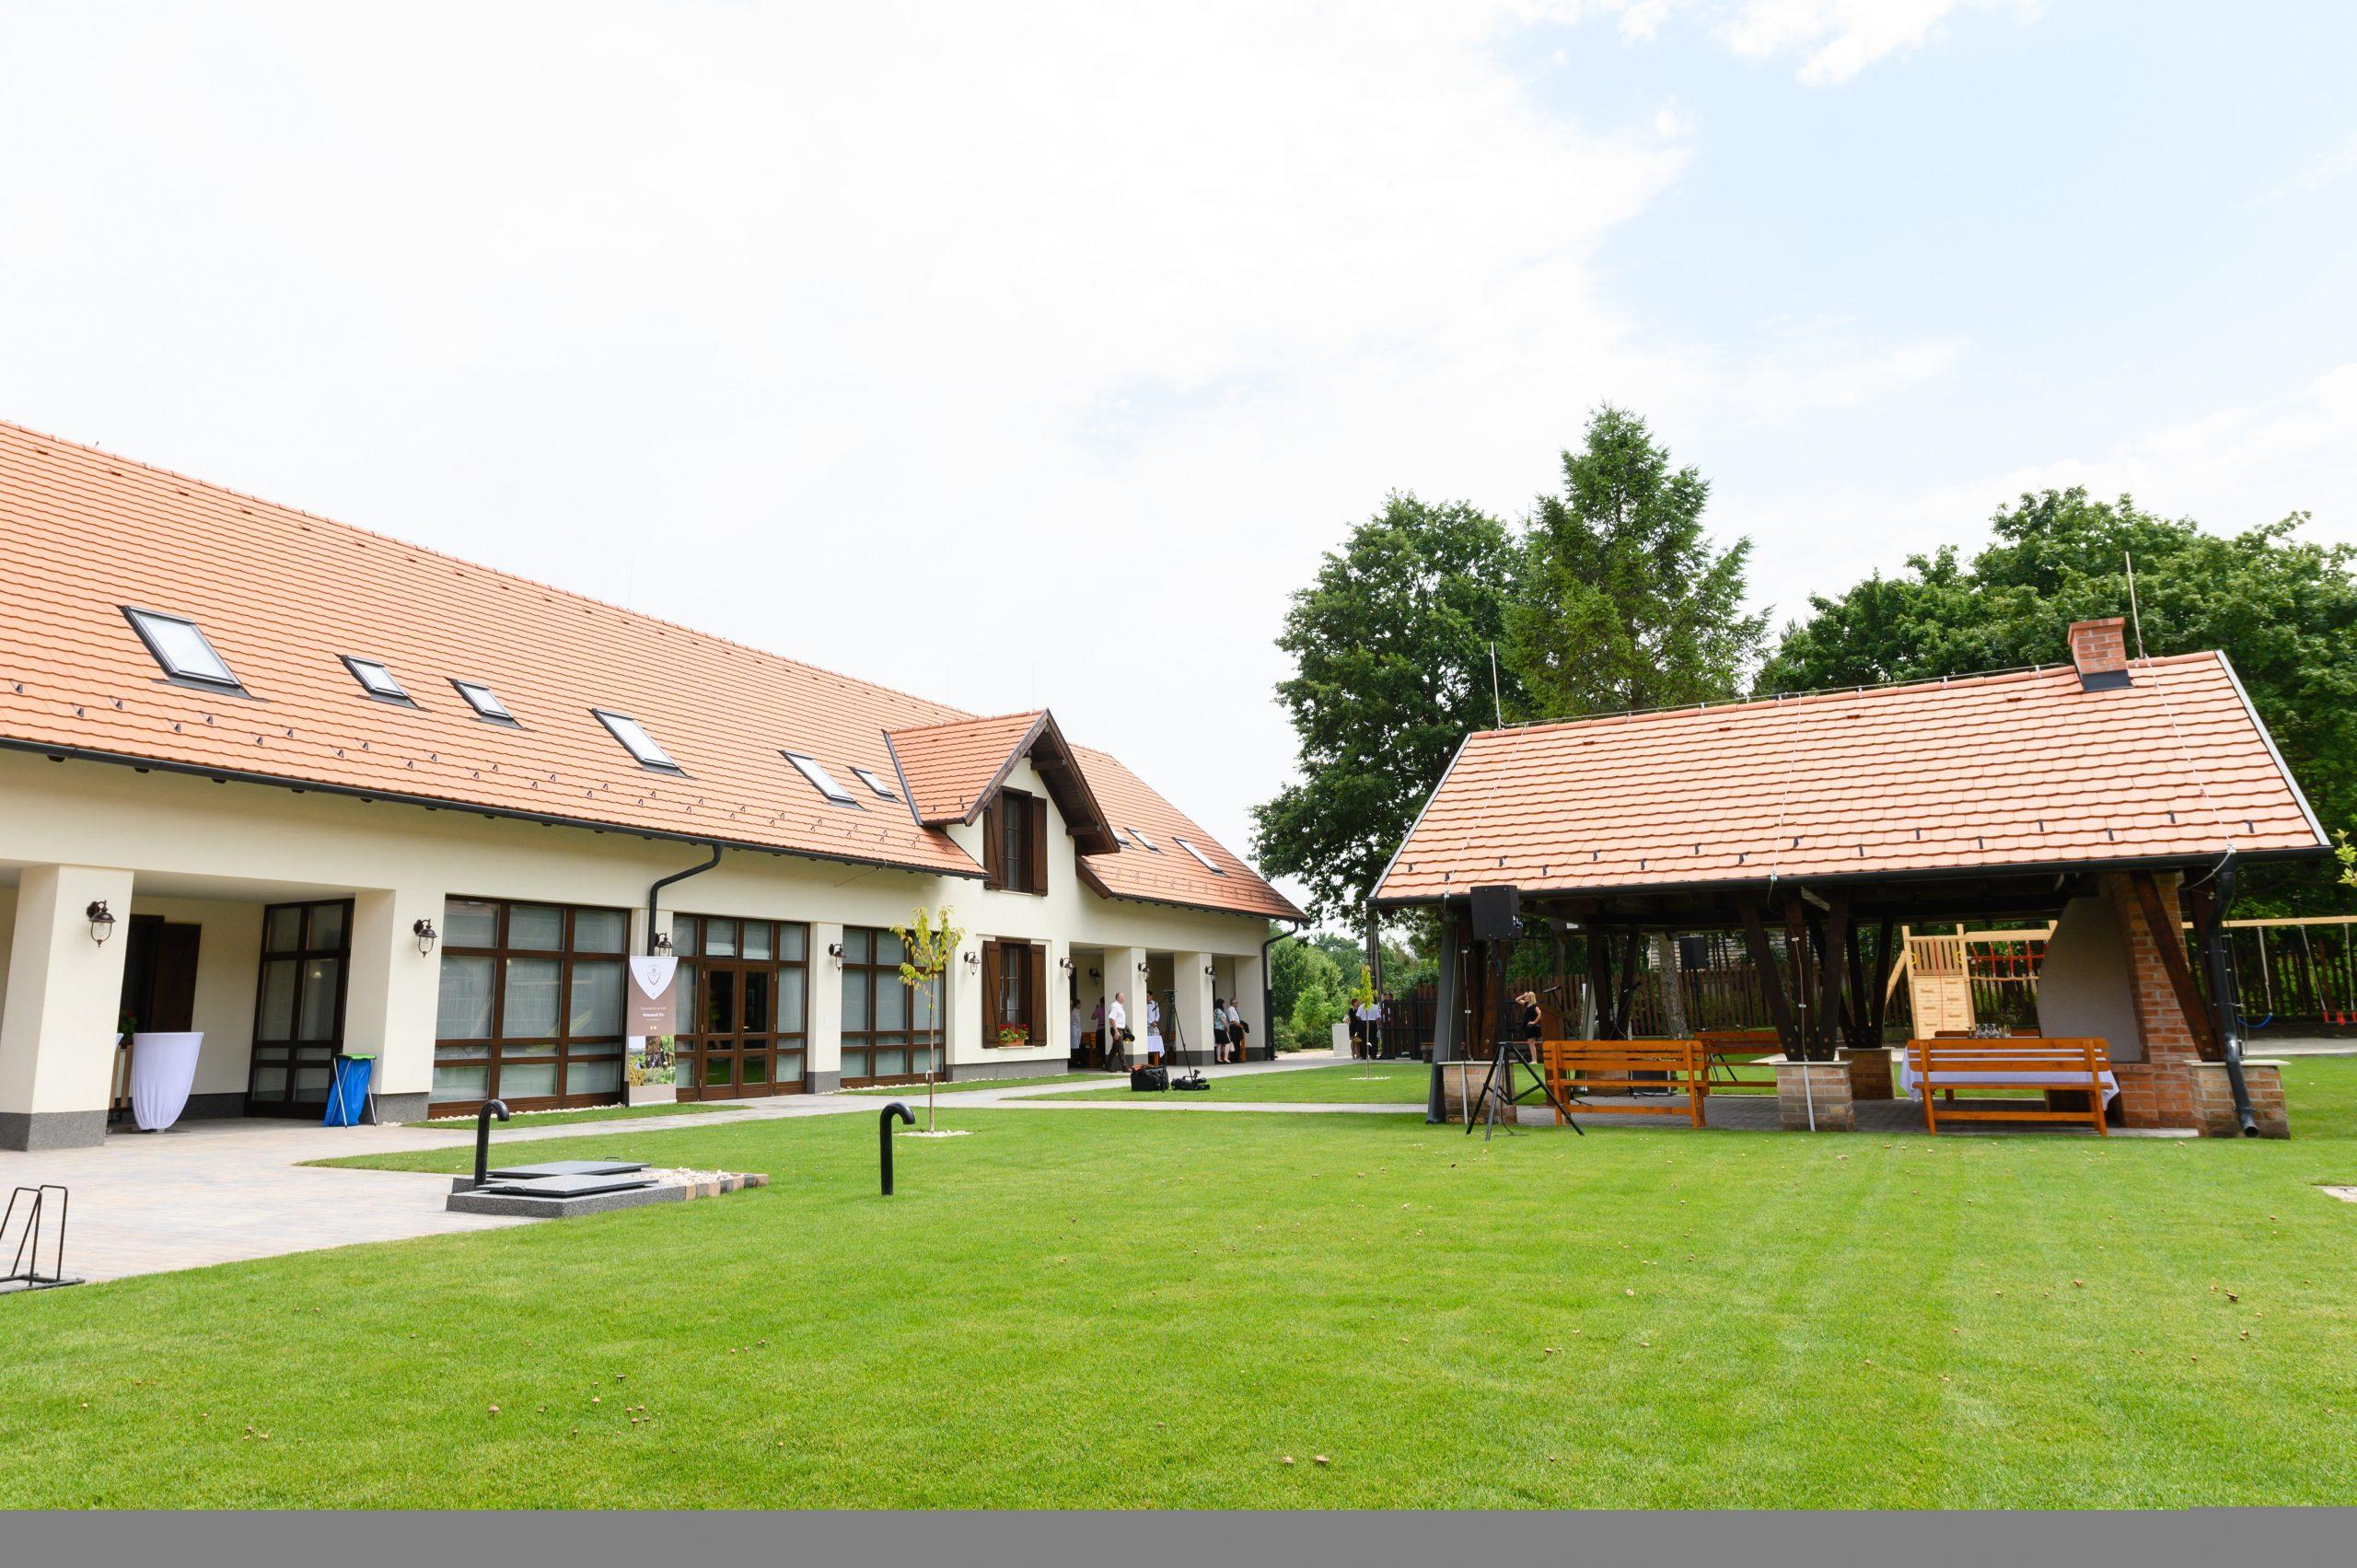 Ökotourismus-Zentrum und Gästehaus im Vértes-Gebirge (Schildgebirge) übergeben - Fotos!